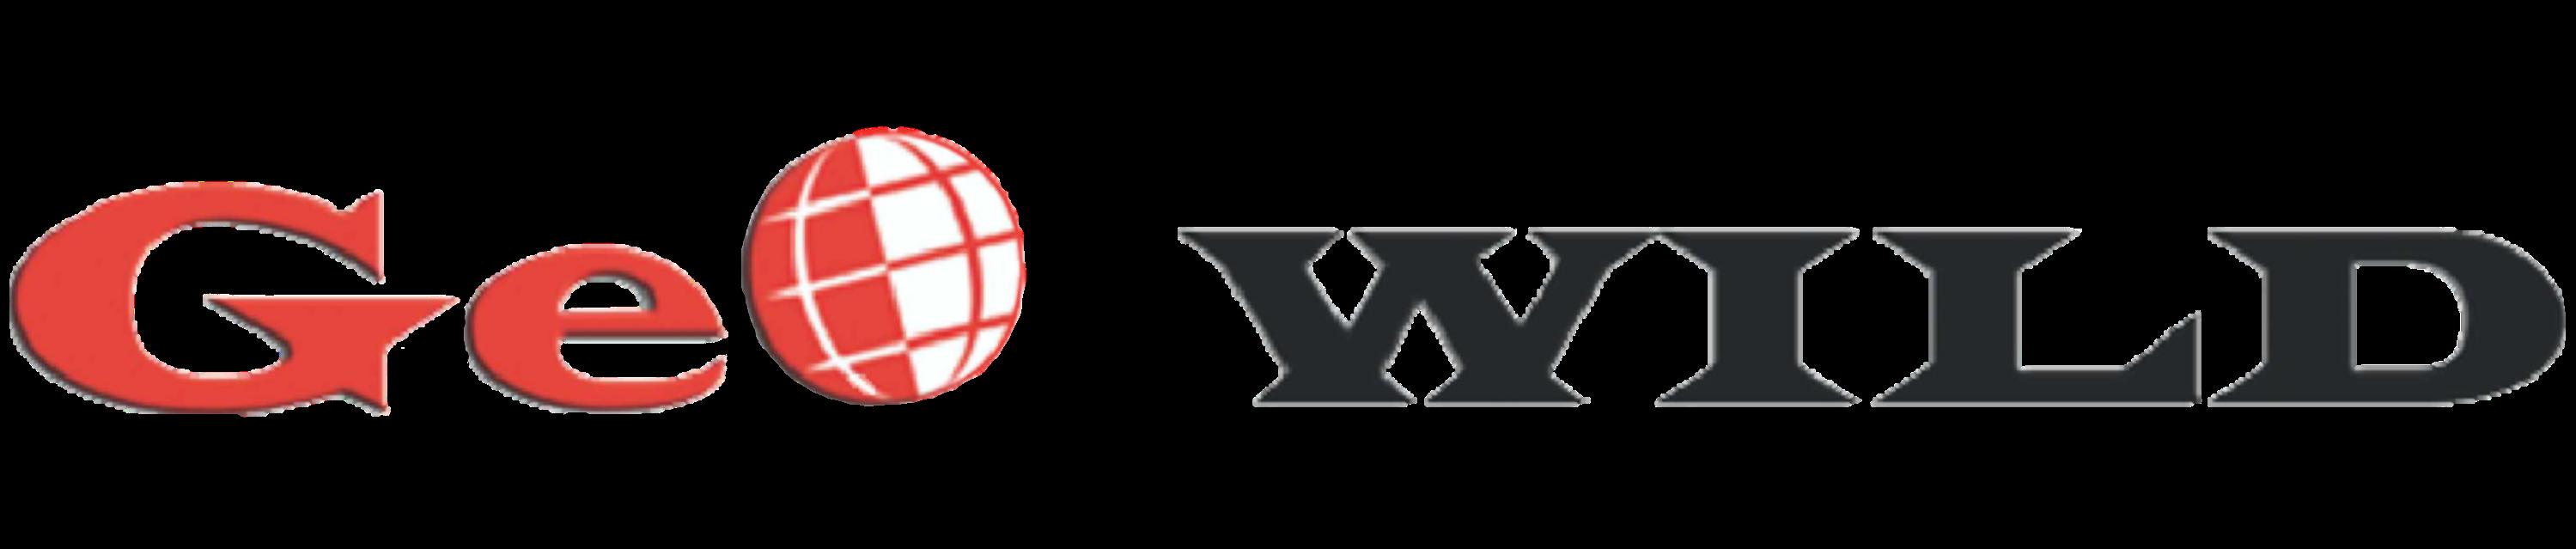 Geowild webshop